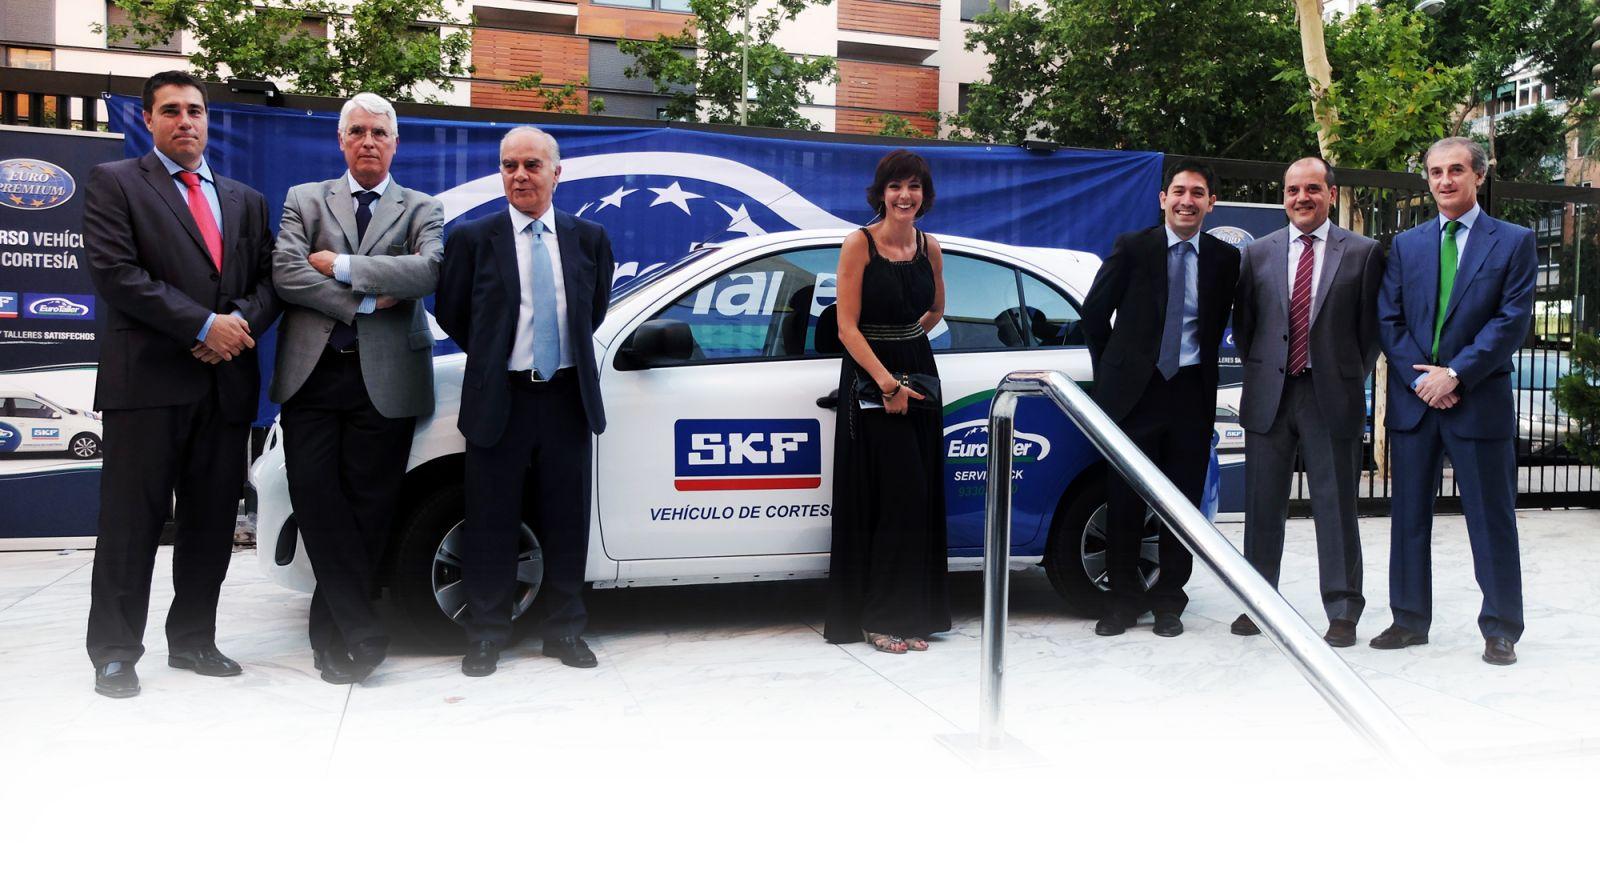 Sorteo coche de sustitución SKF y EuroTaller